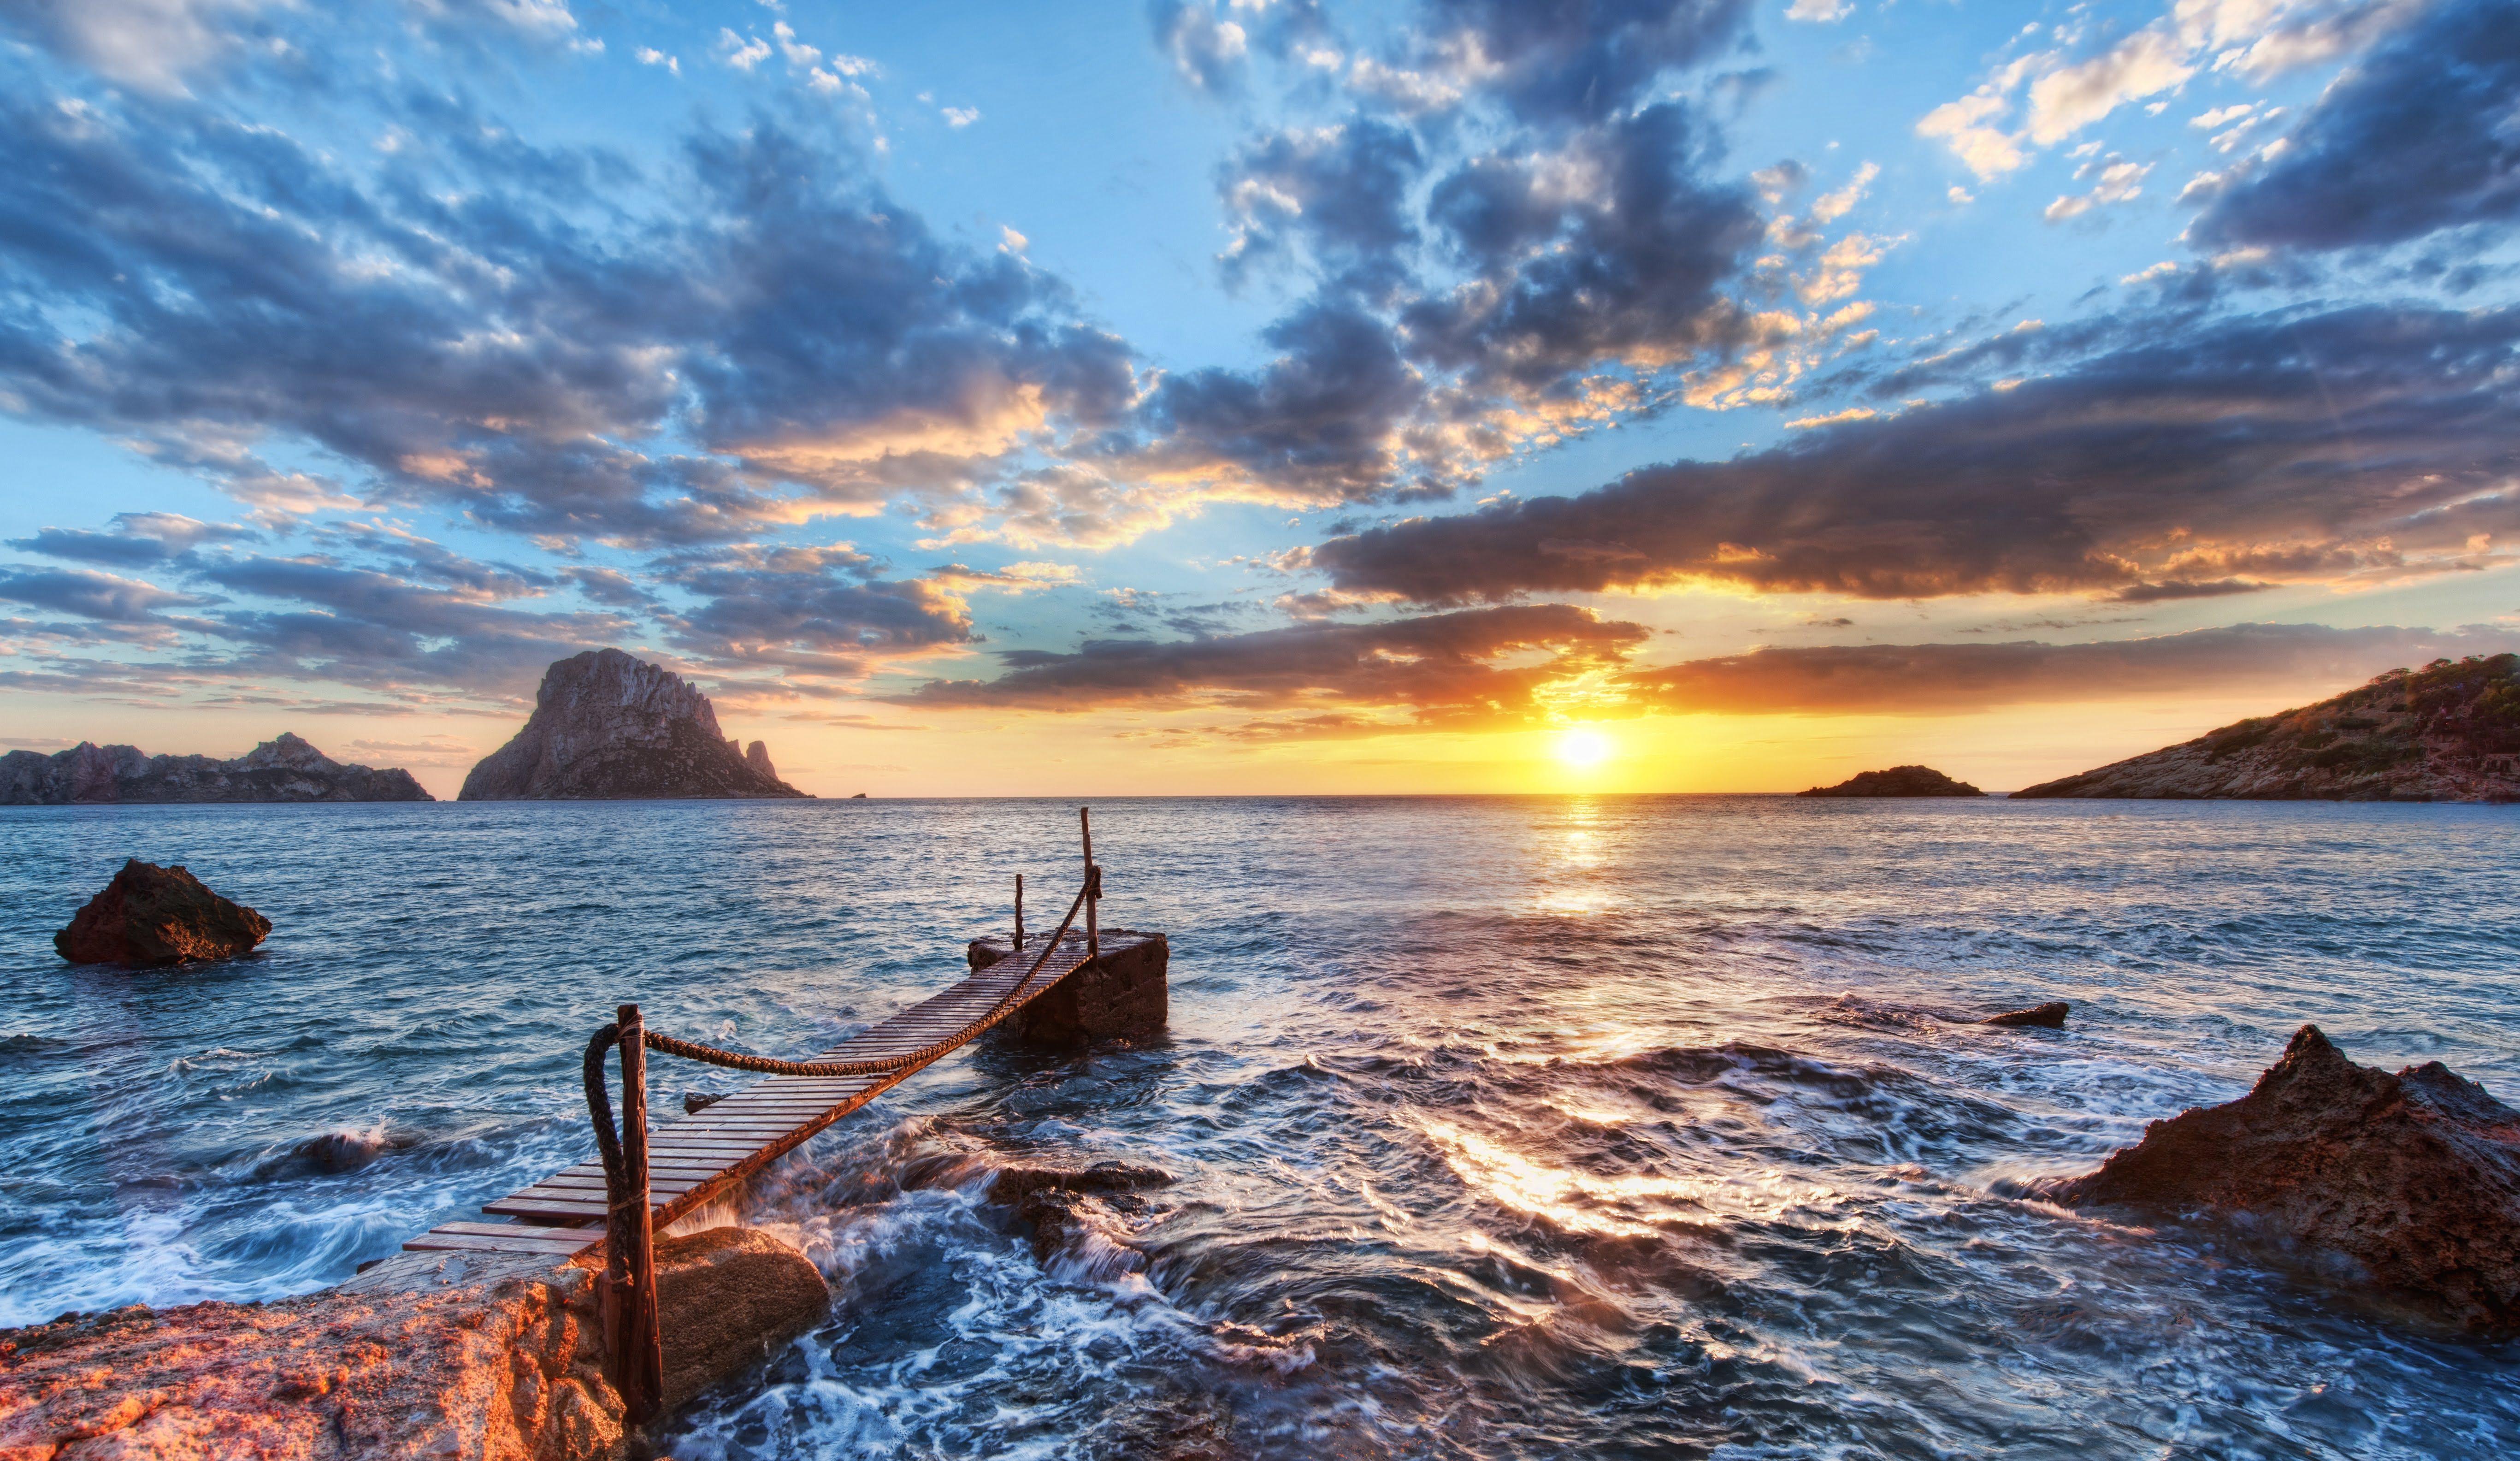 Photography-Sunset-Ibiza-Island-Balearic-Islands-Spain-Stuckincustoms